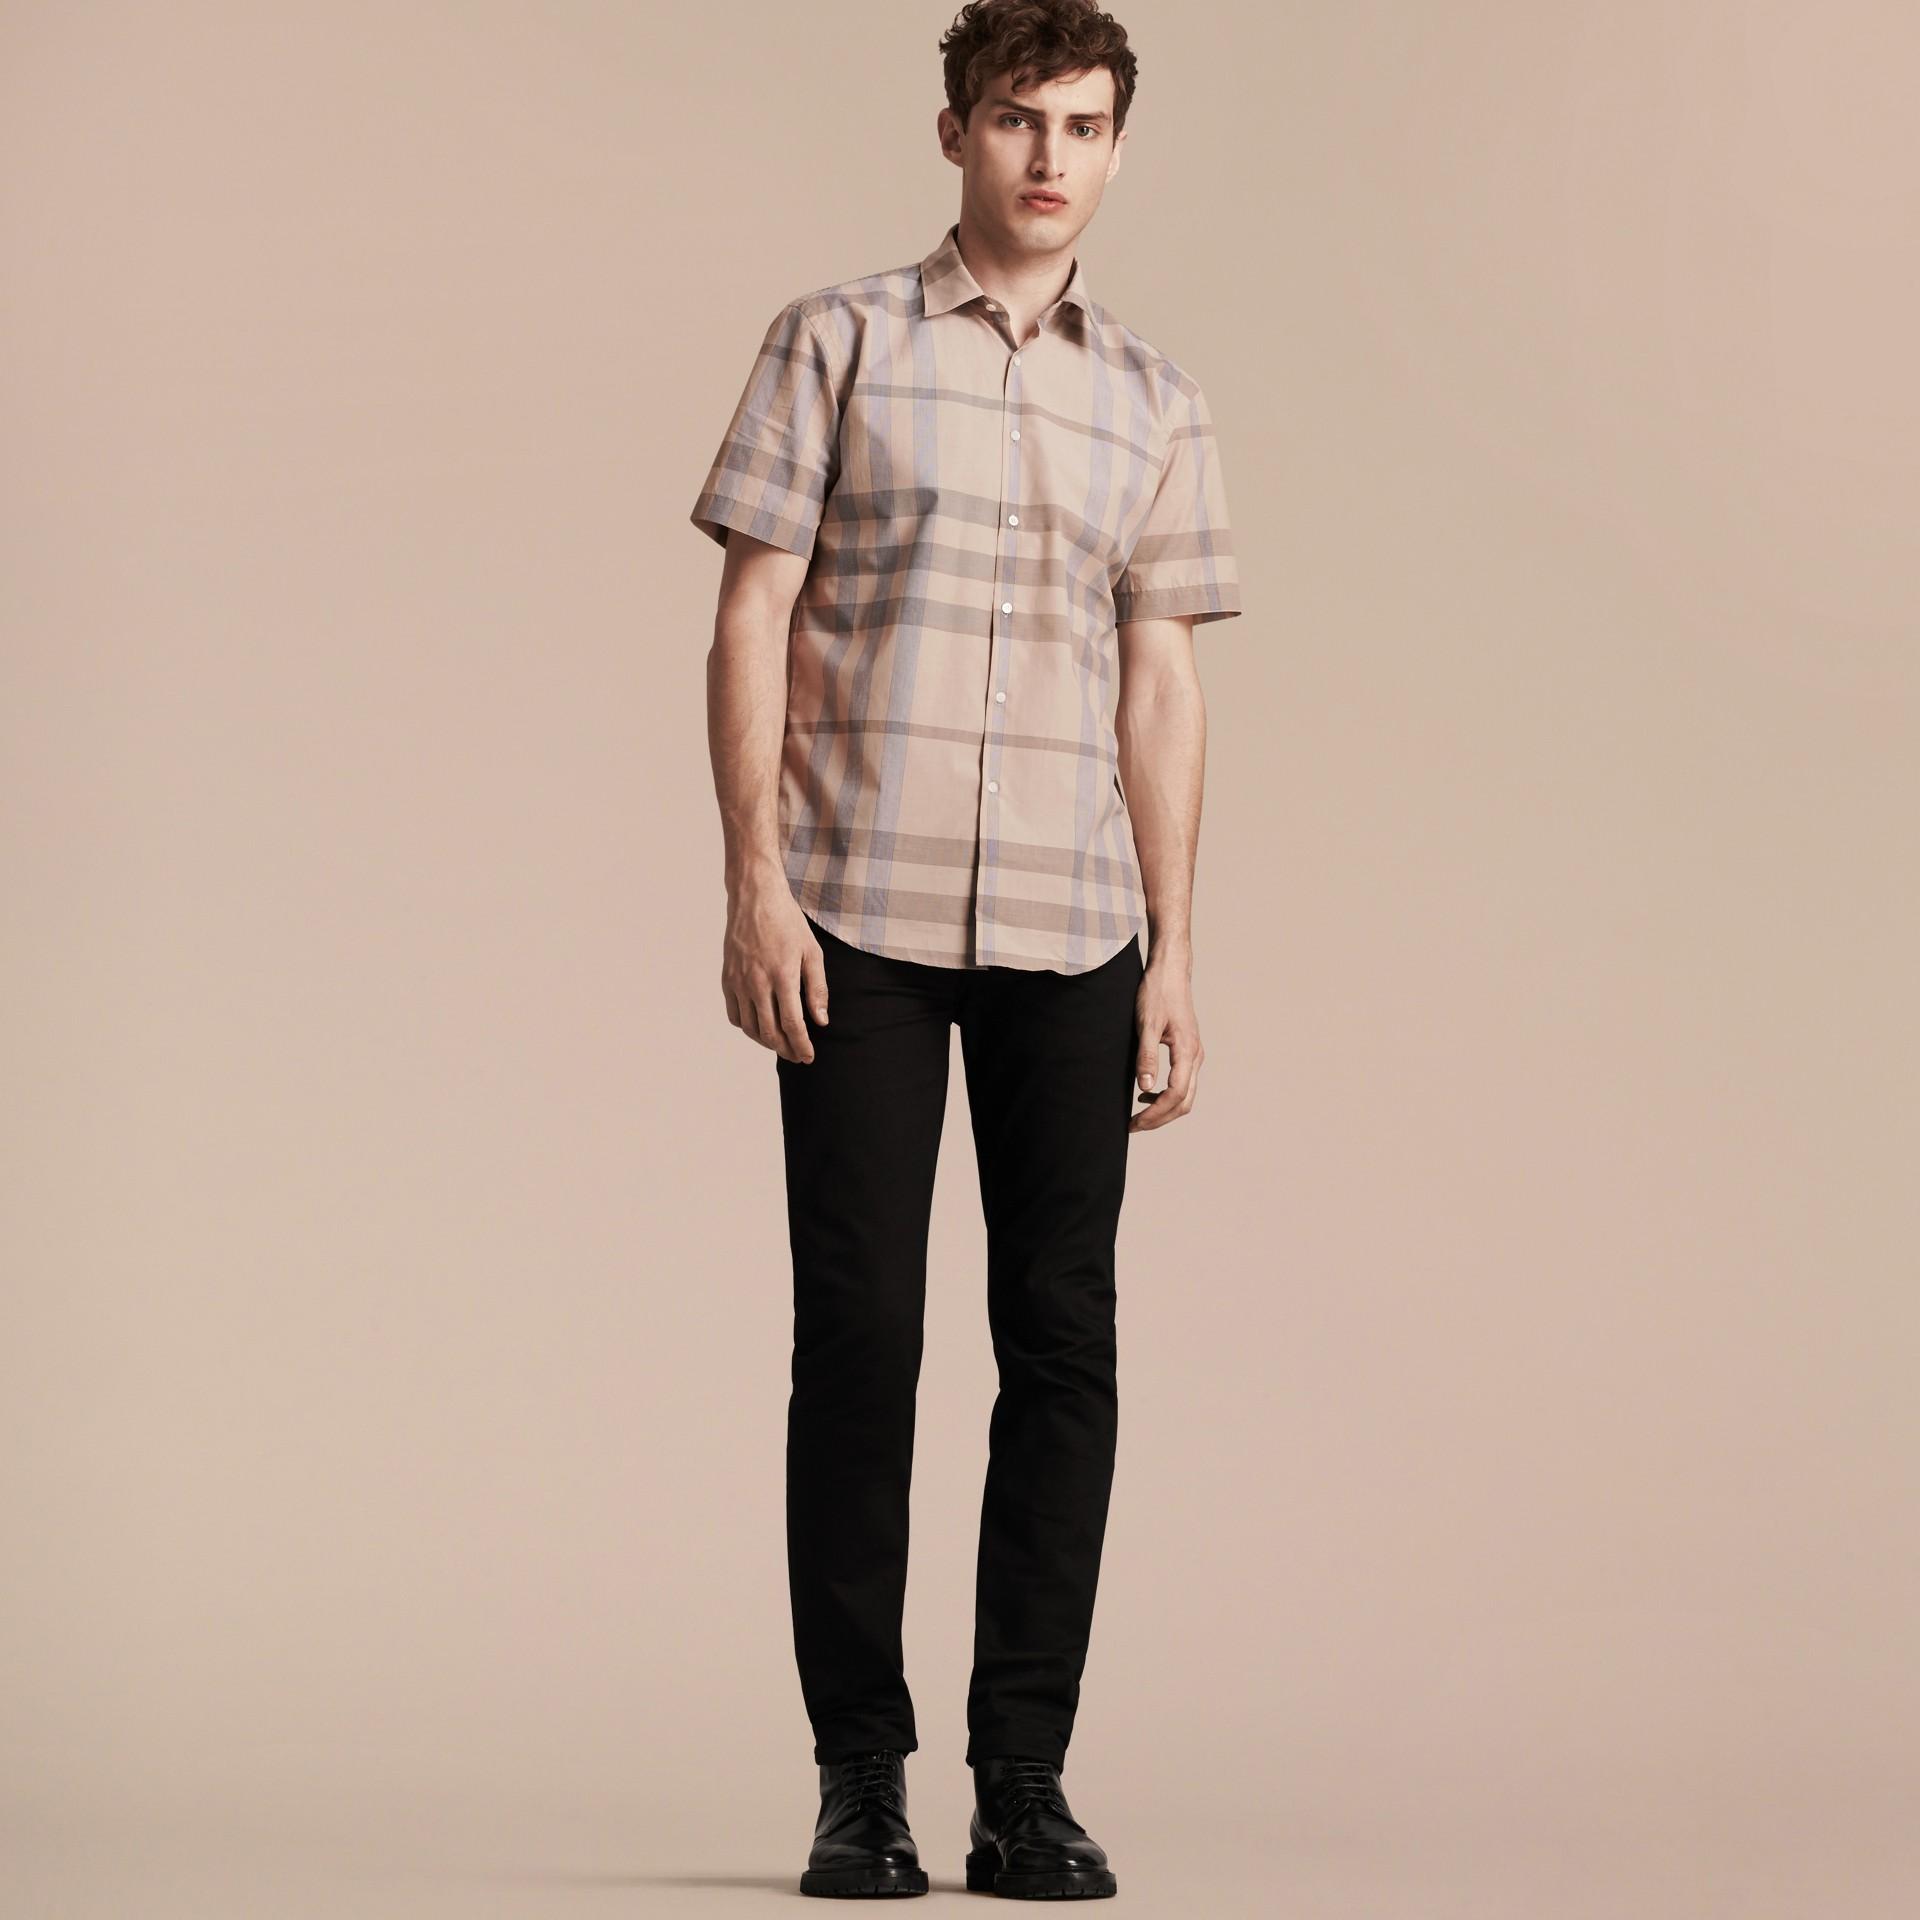 Cammello chiaro Camicia a maniche corte in cotone con motivo check Cammello Chiaro - immagine della galleria 6